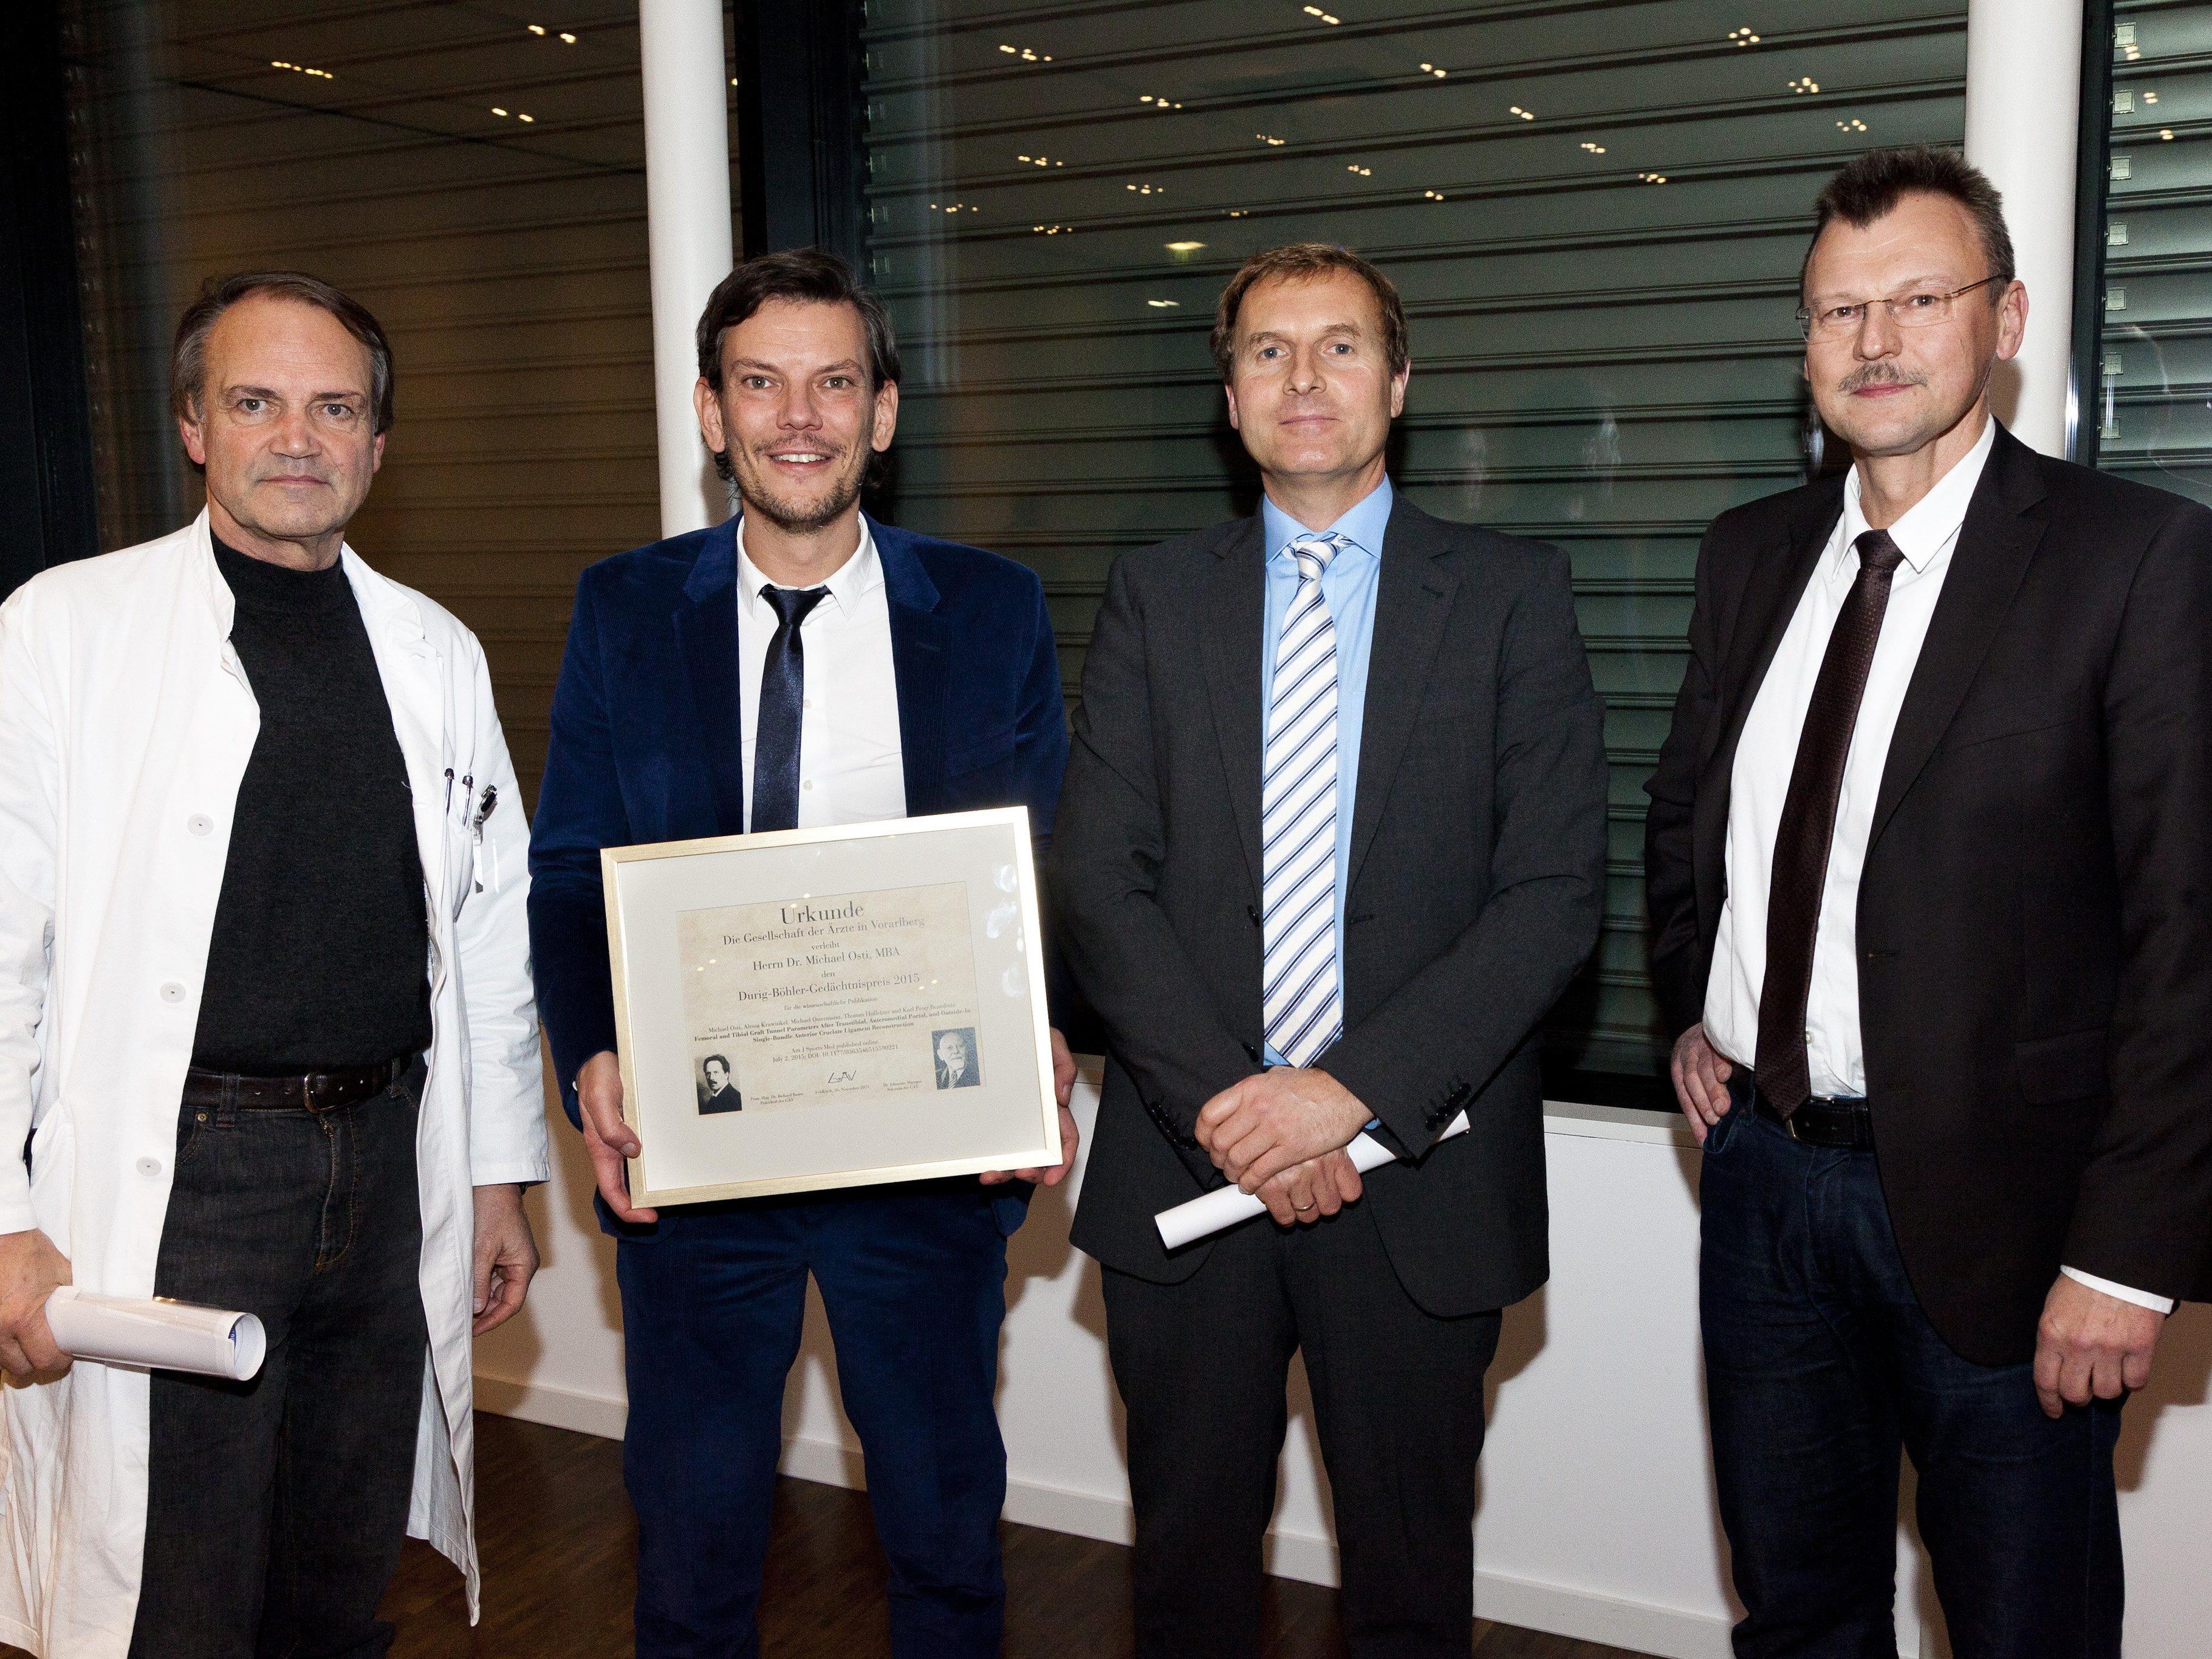 Der Durig-Böhler-Gedächtnispreis 2015 erging an OA Dr. Michael Osti, Unfallchirurgie LKH Feldkirch, als Auszeichnung für die beste international veröffentlichte Publikation aus Vorarlberg. (v.l. Prim. Prof. Dr. K.-P. Benedetto, OA Dr. M. Osti, GÄV-Präsident Prim. Mag. Dr. R. Bauer und KHBG-GF Prim. Dr. P. Fraunberger).